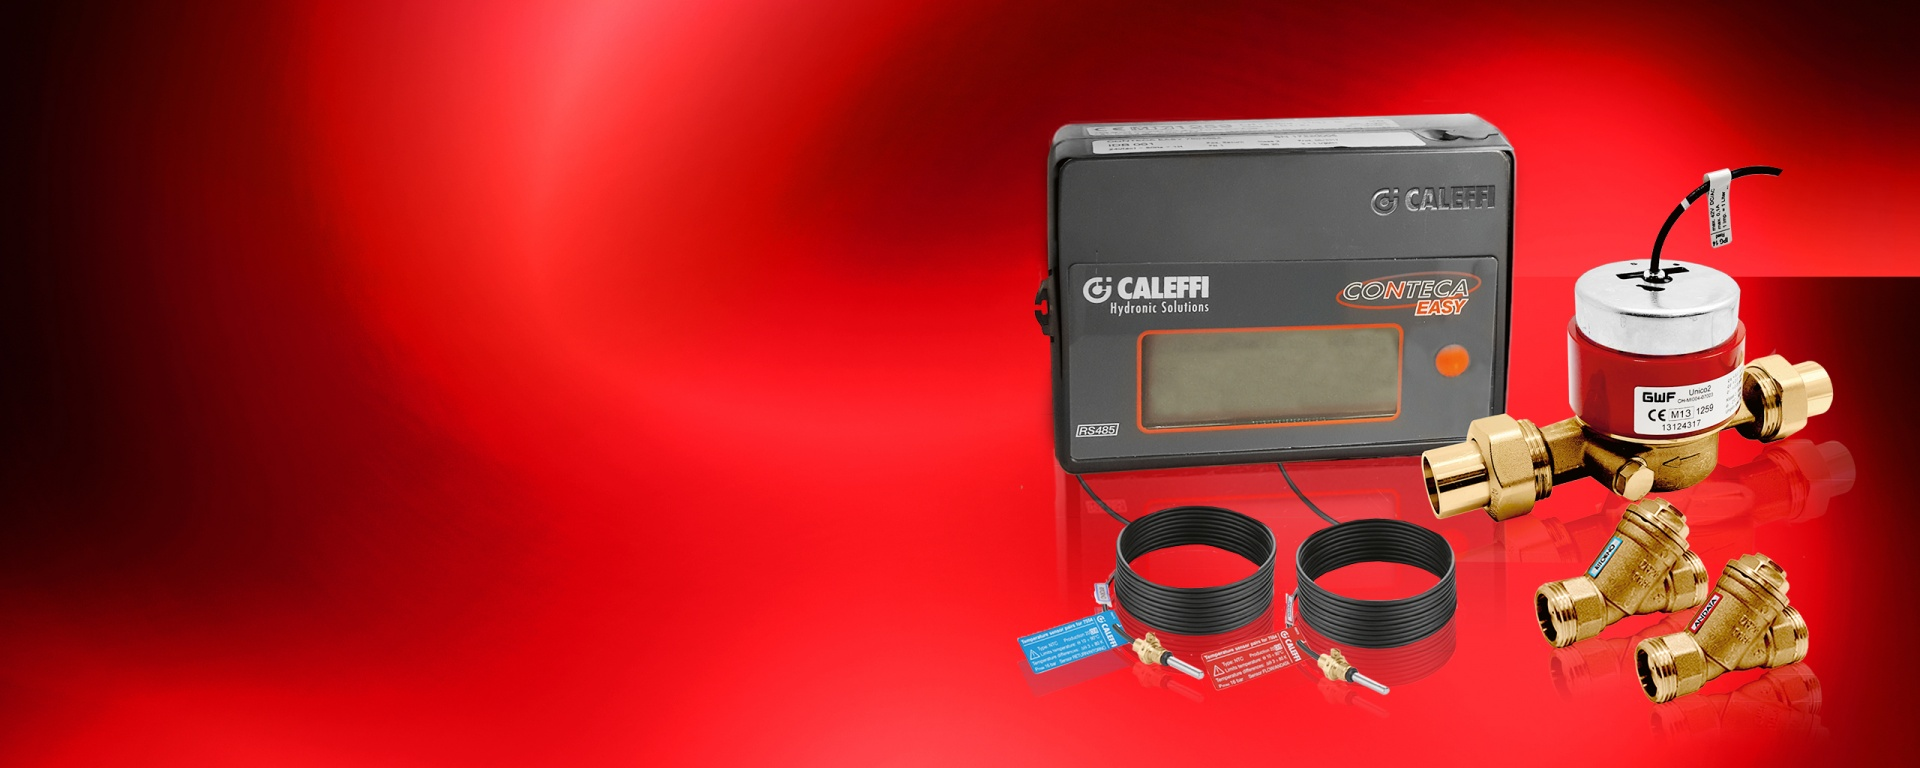 CONTECA Heat Metering